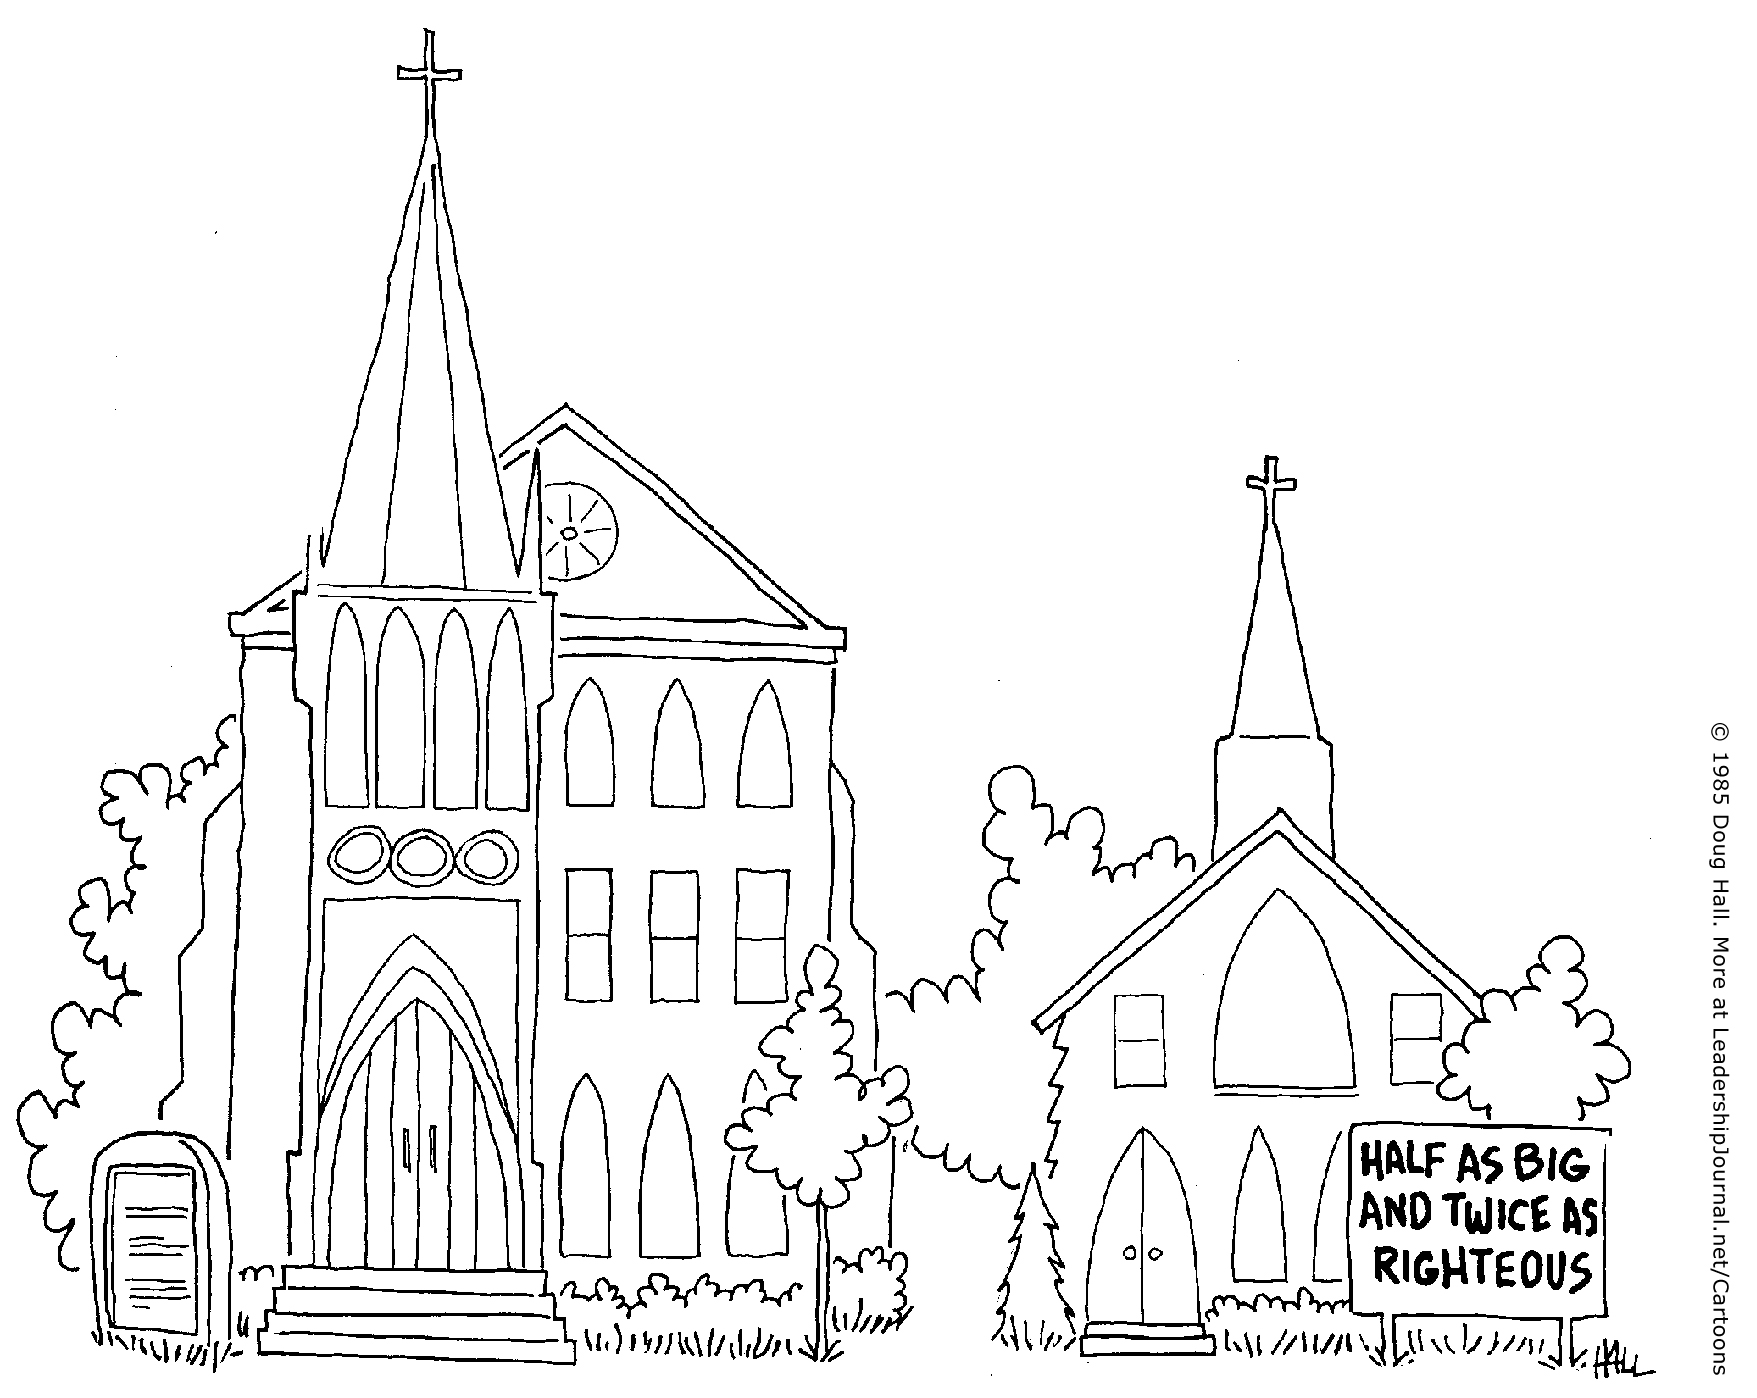 1757x1398 Little, Self Righteous Church Ct Pastors